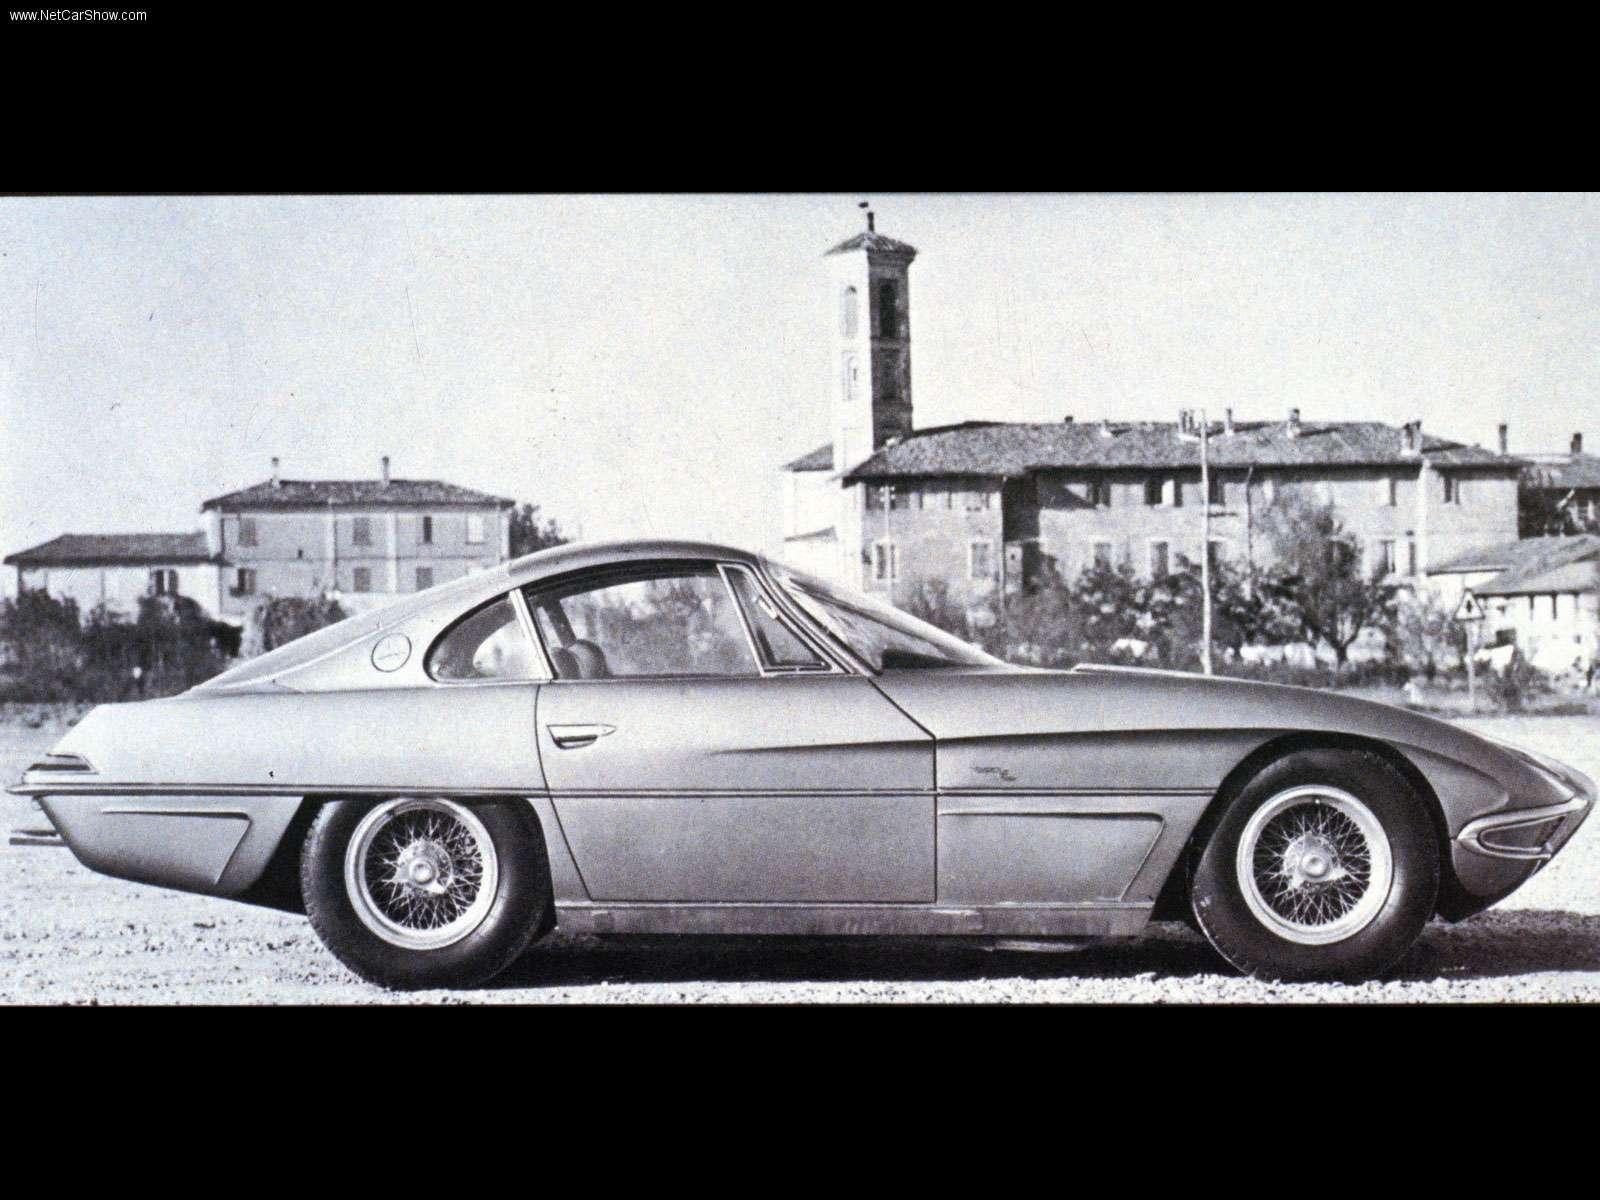 Une jaguar sachant freiner... - Page 3 Lamborghini+350+GTV+1963+%25282%2529